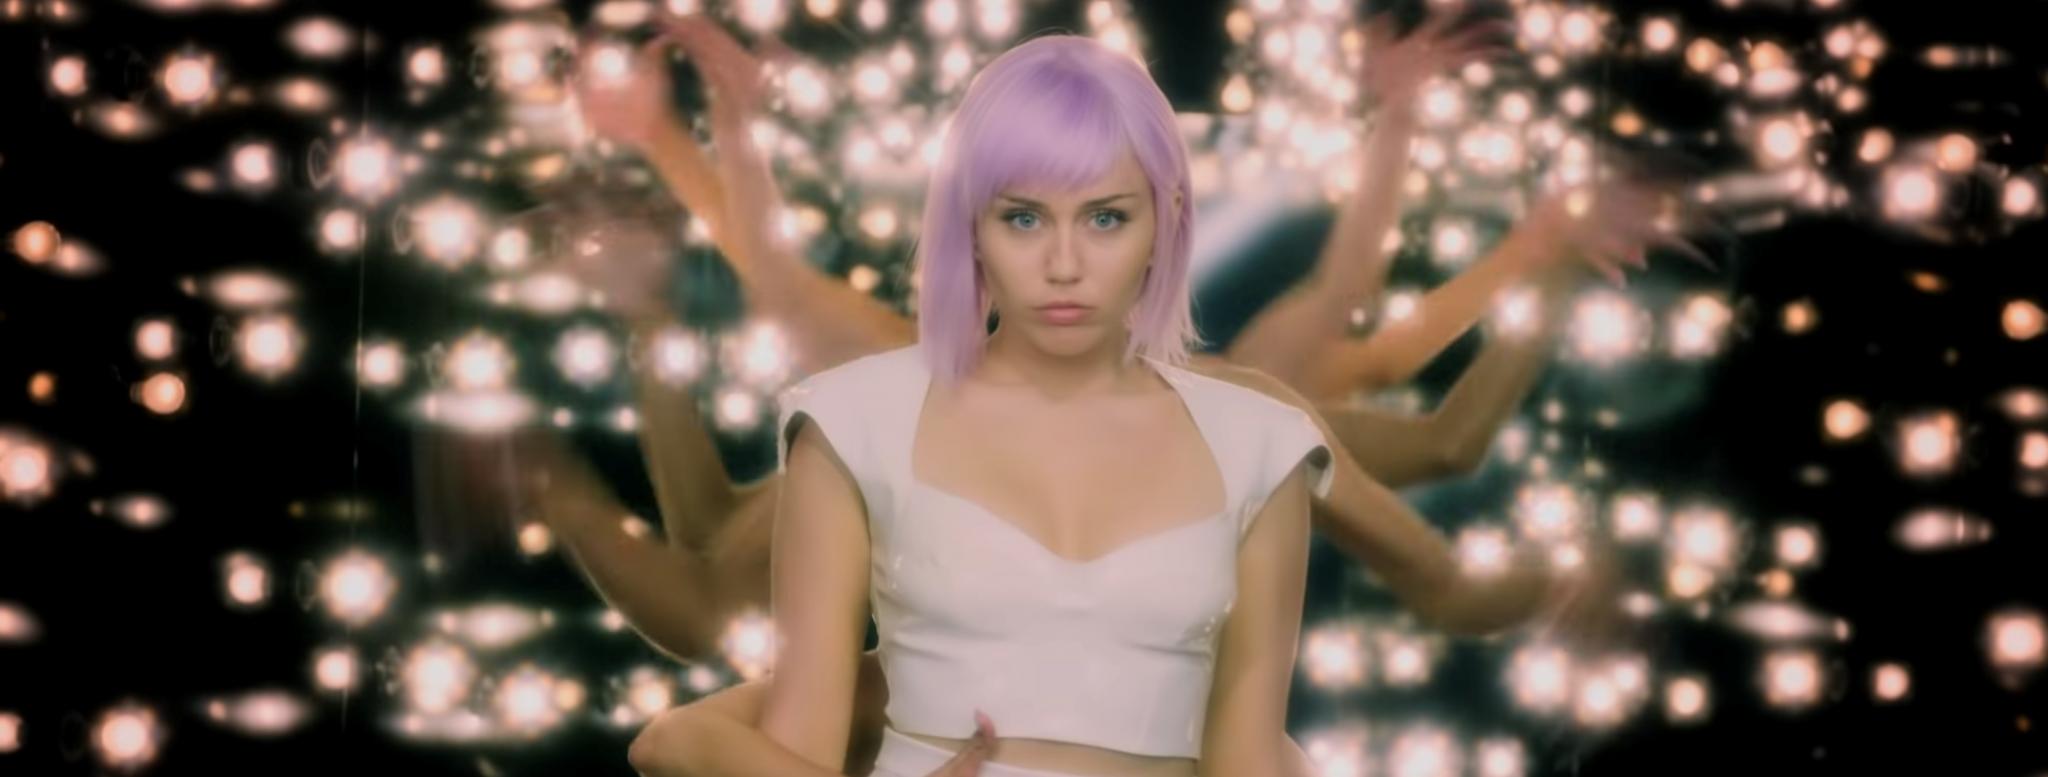 Η Miley Cyrus πρωταγωνιστεί στο «Black Mirror»!